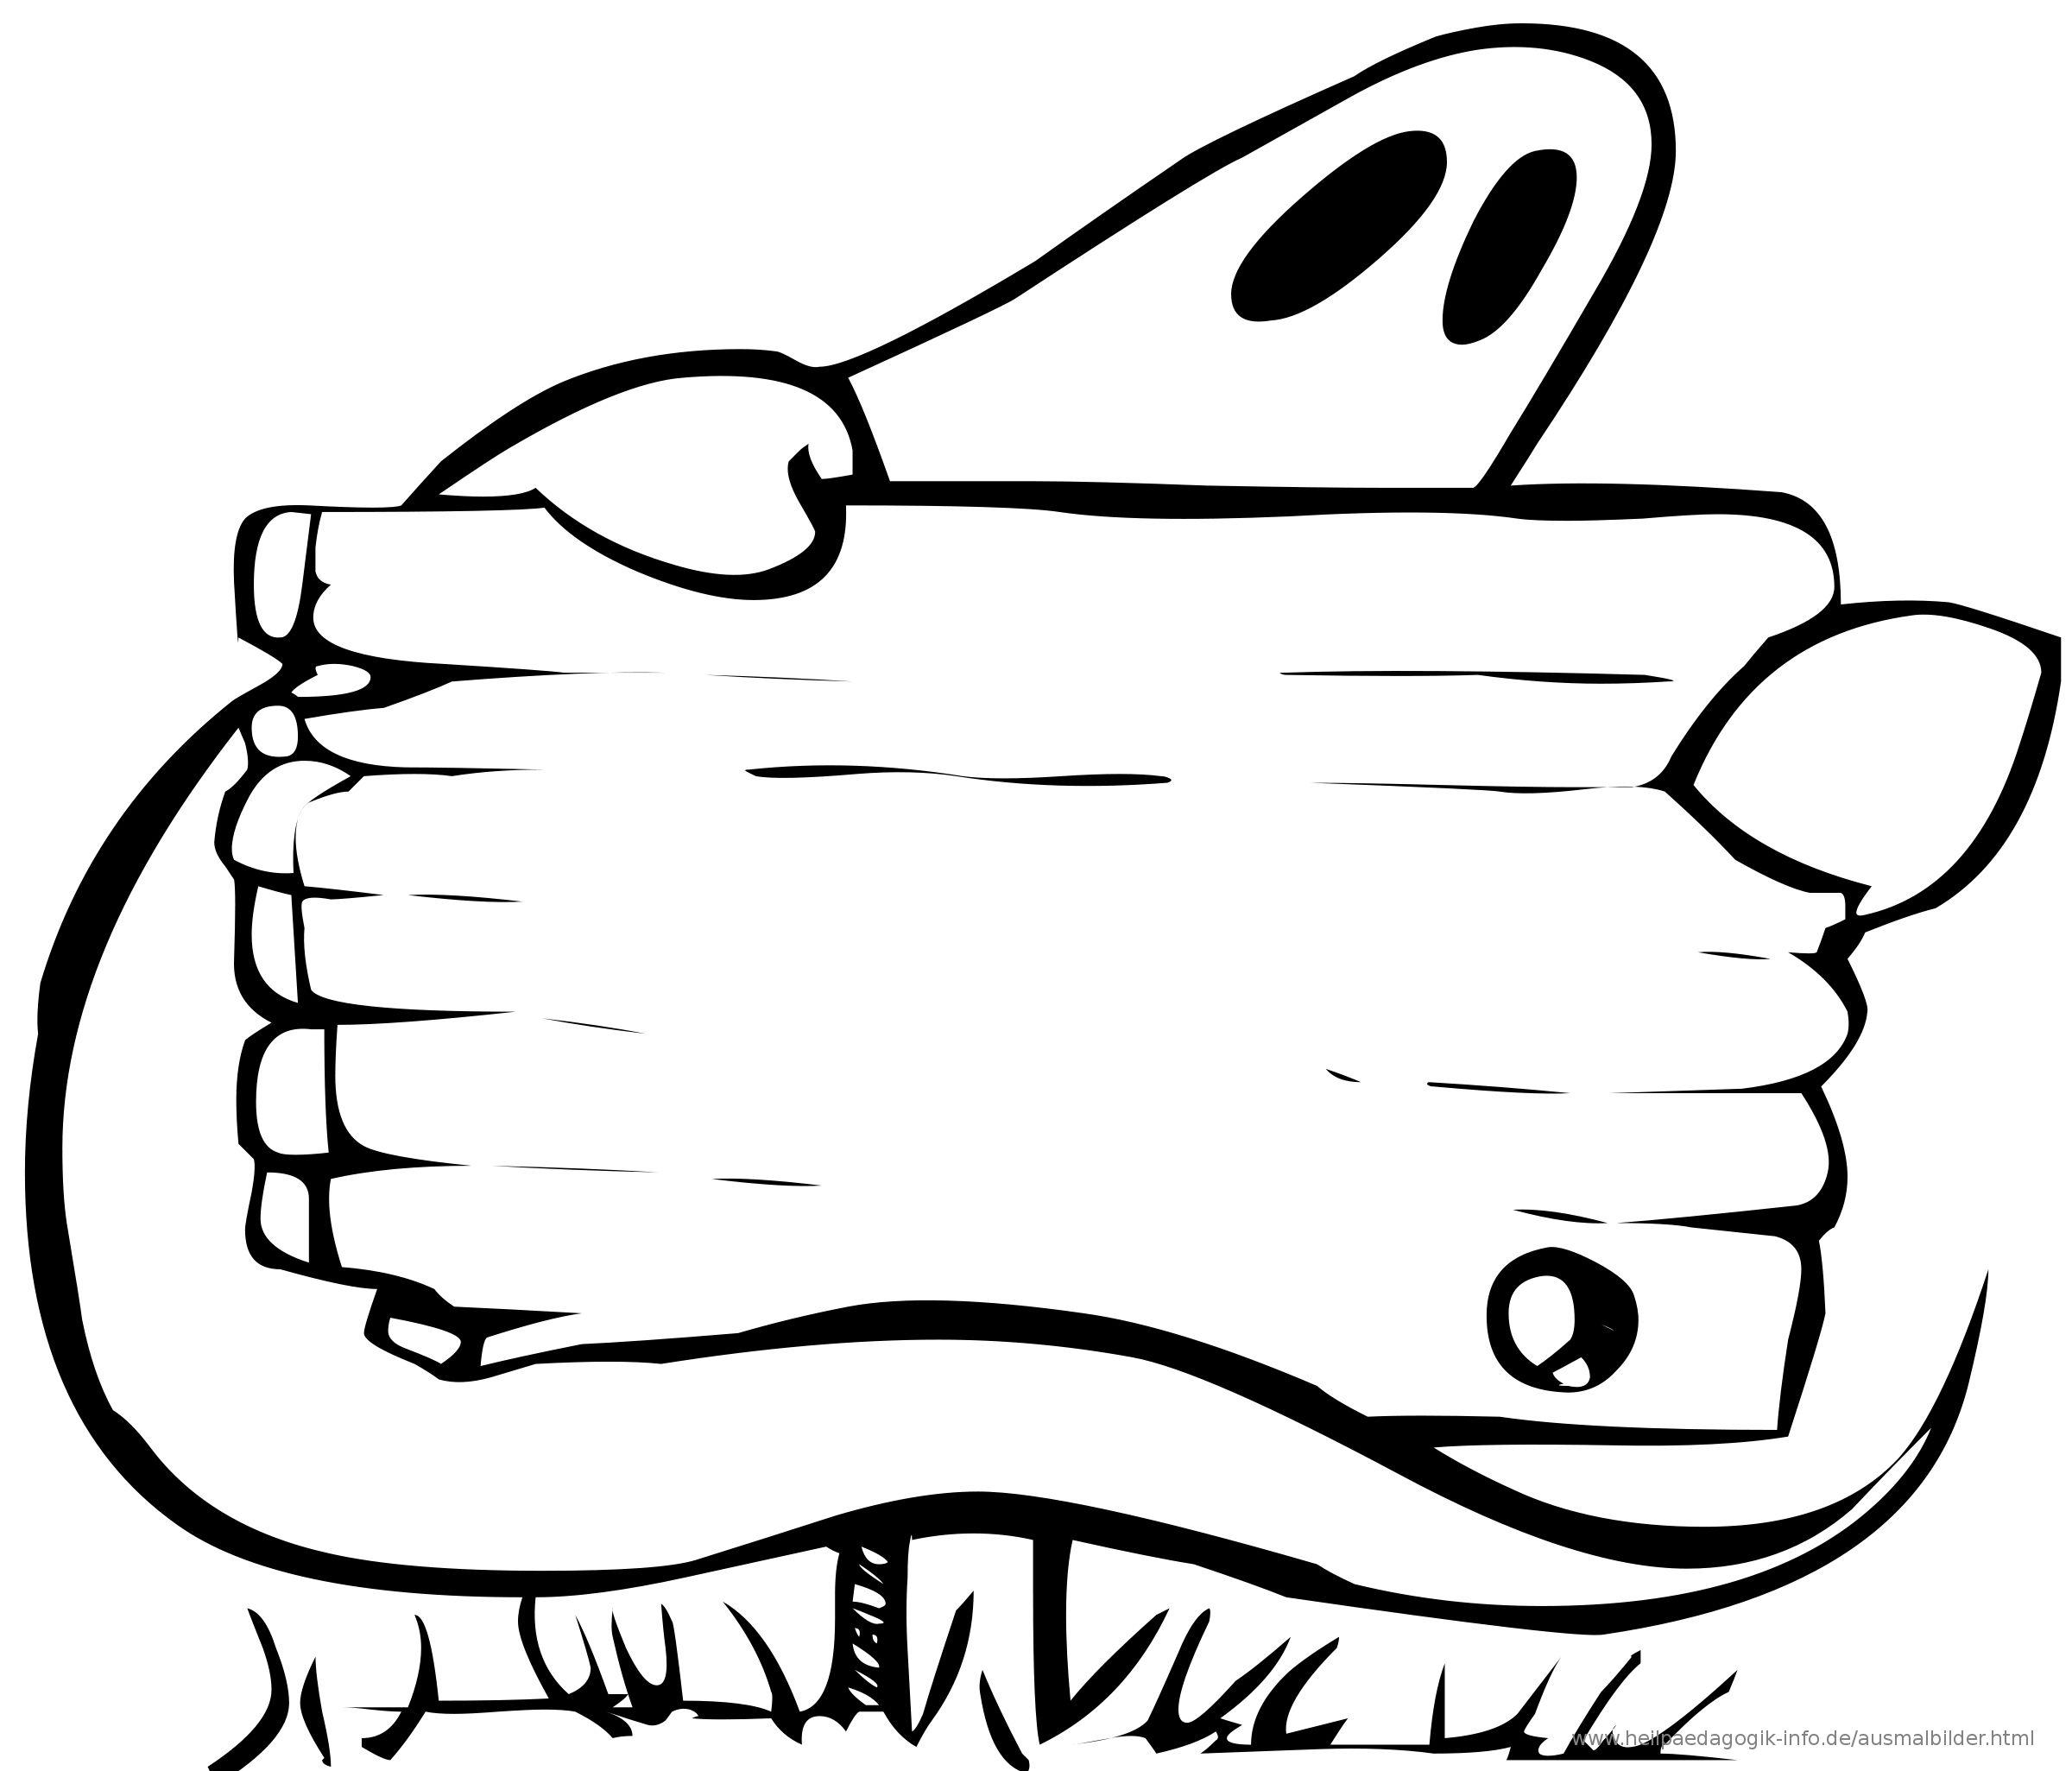 10 Besser Malvorlage Gespenst Idee 2020 Malvorlagen Clipart Kostenlos Malvorlagen Halloween